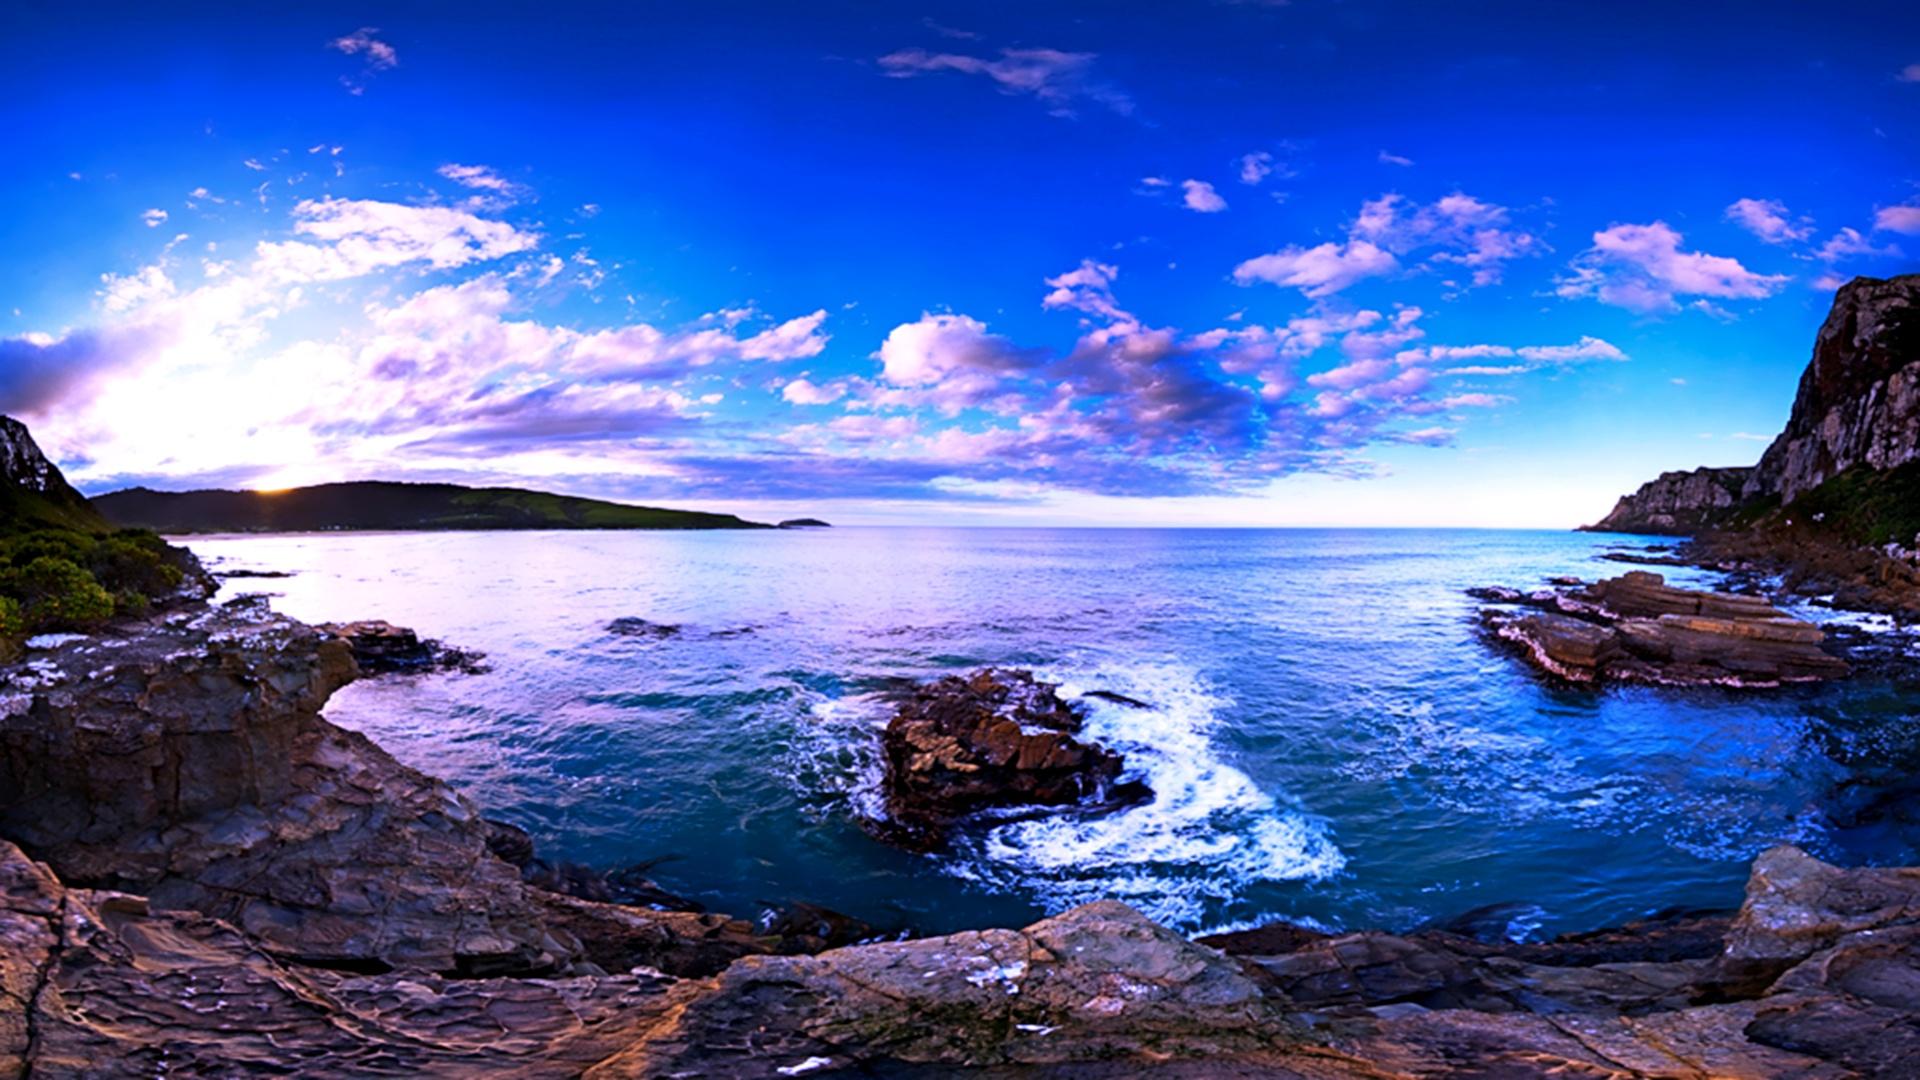 cool ocean pictures wallpaper